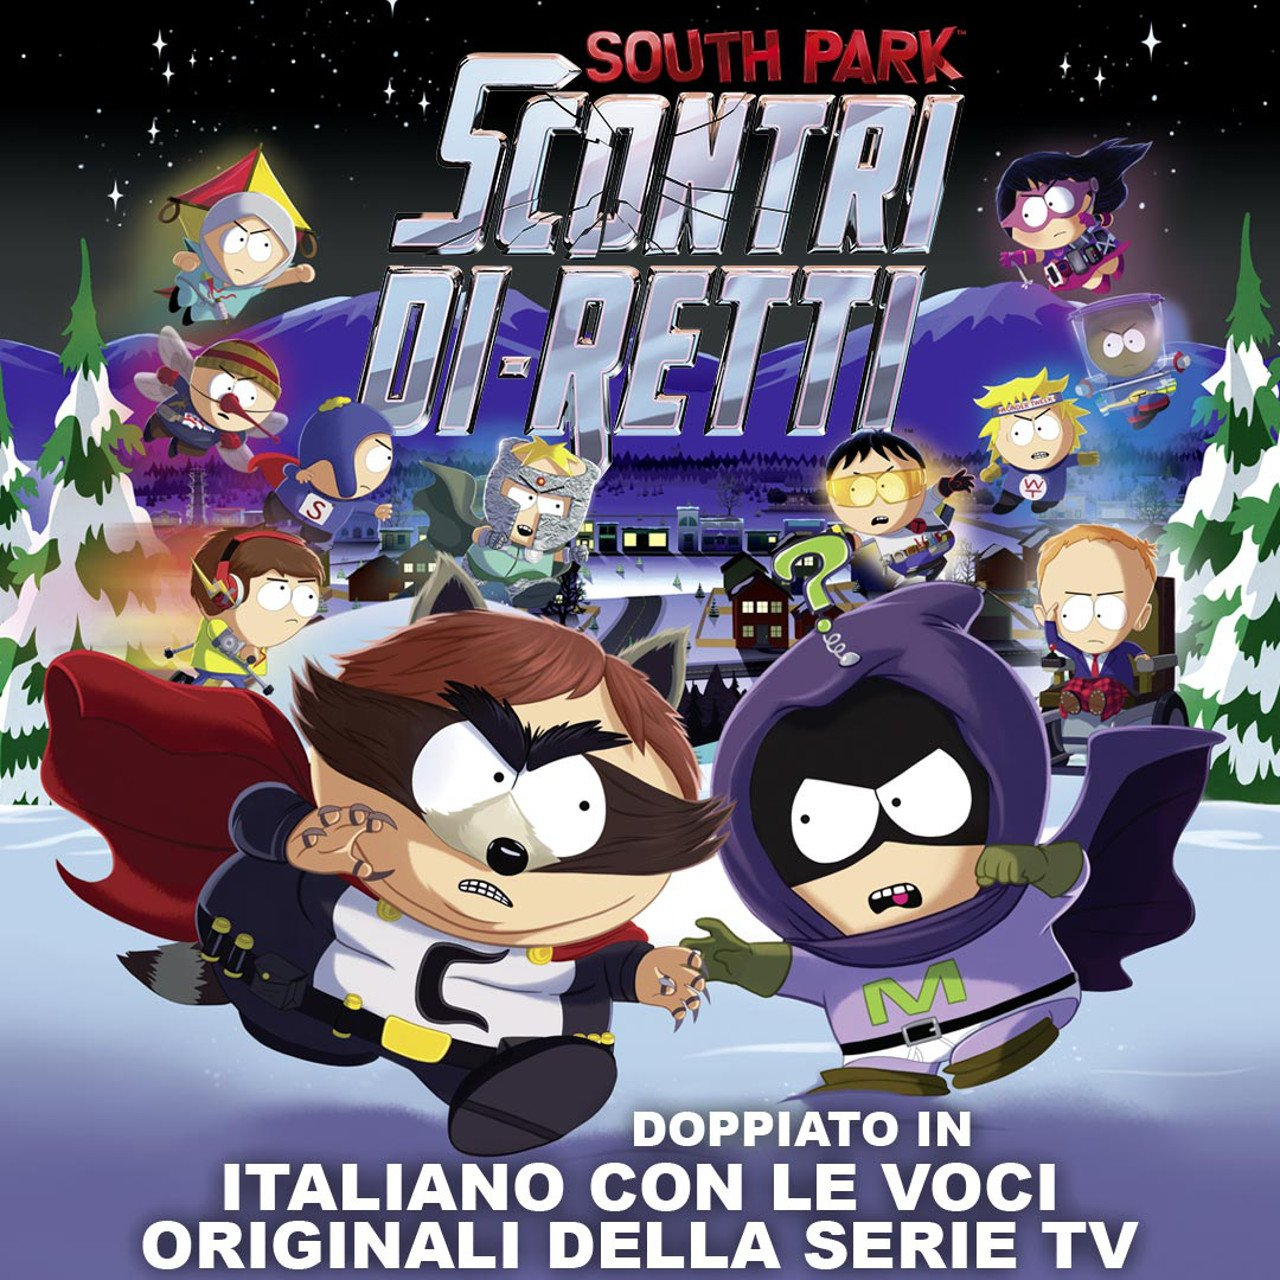 South Park Scontri Di-Retti sarà interamente localizzato in italiano